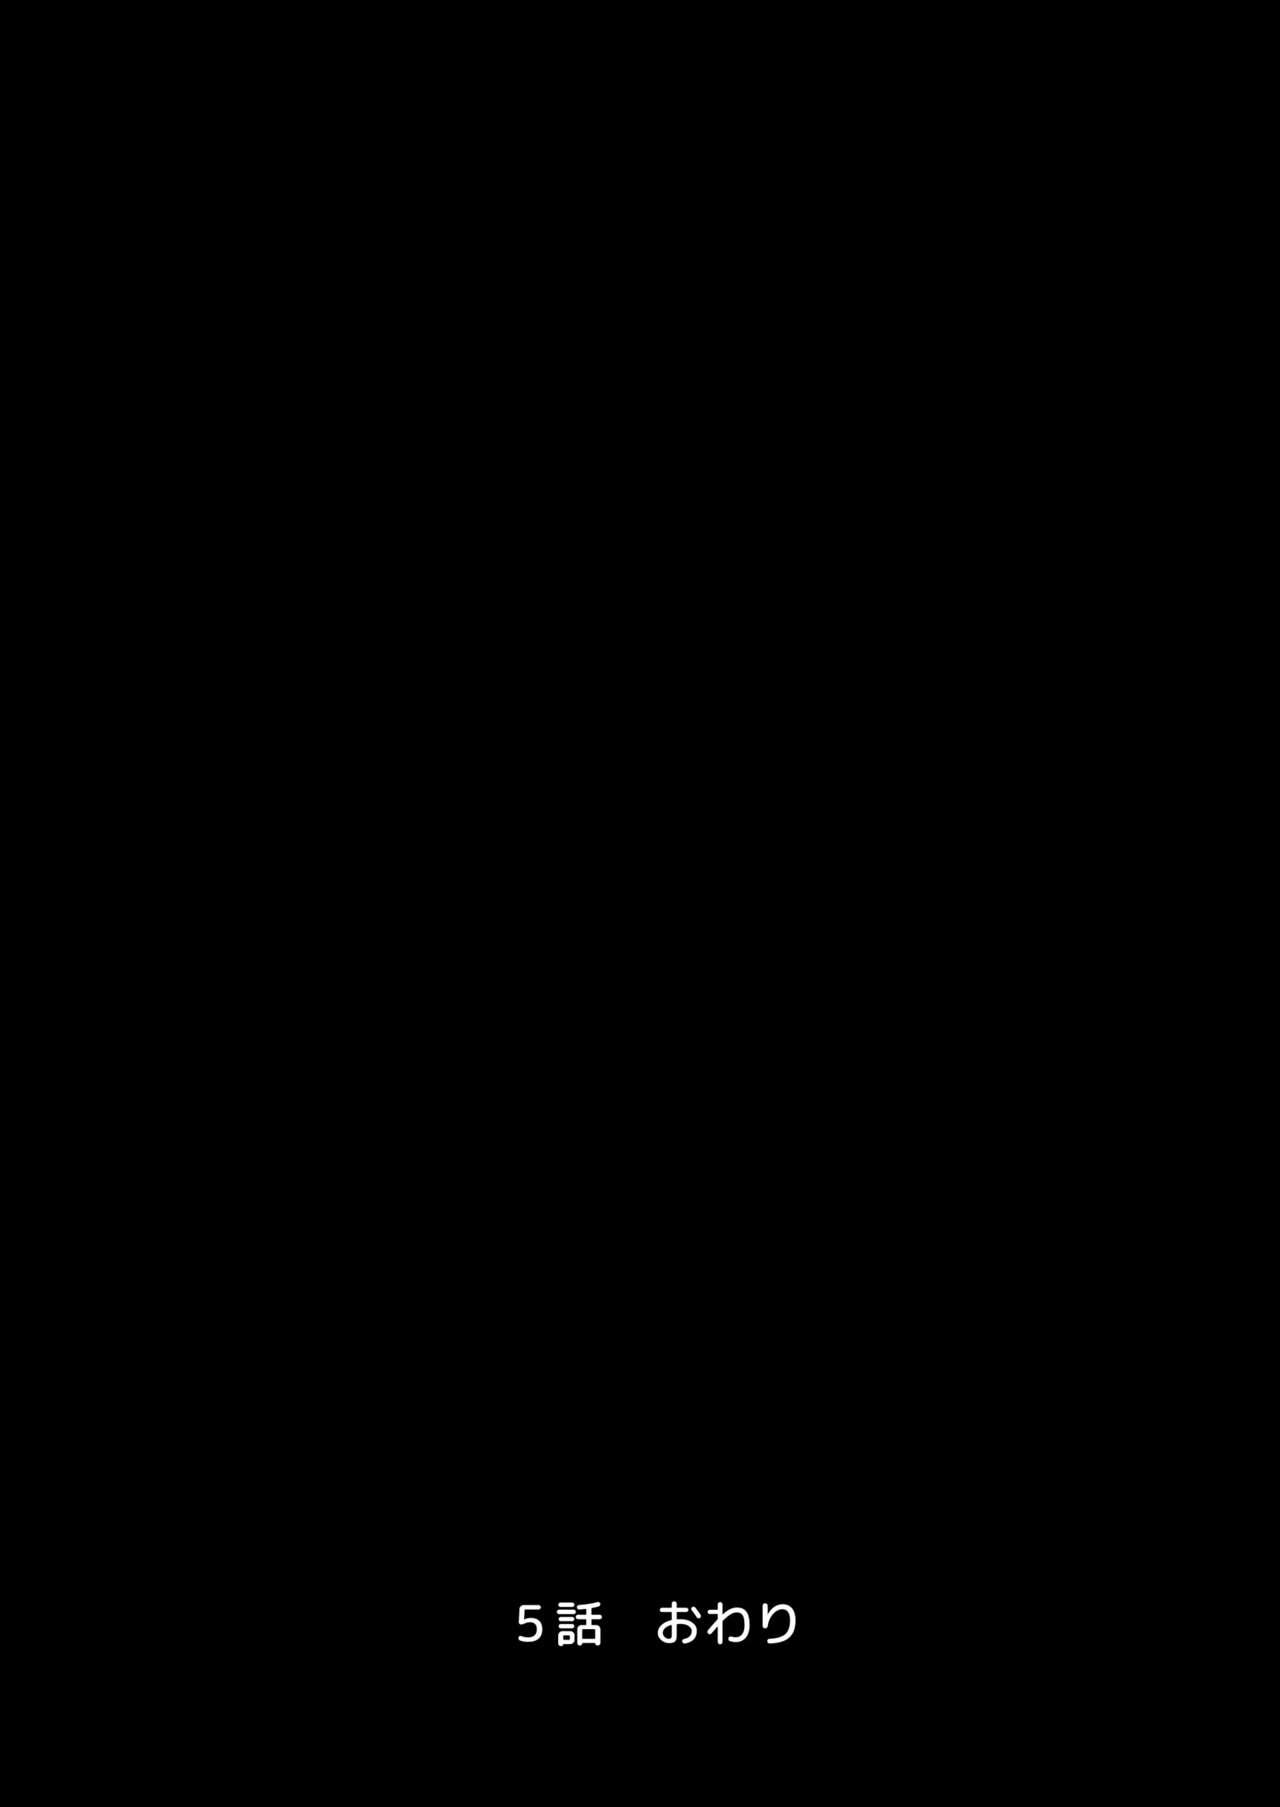 【エロ漫画】(6/7)突然現れた船に男子3人が拉致され自ら拘束された振りをして助けに行くボブが可愛い巨乳LK吉村さん…船は海賊船で吉村さんの見込みはハズレ助けるどころか媚薬注射を2本も打たれ感度がましたところを男達に何度も繰り返される輪姦セックス…思い出されるのは教室で笑い合う友だち…【トイレ籠:無人島JK!ちょろいよ吉村さん!第5話〜無人島キメセク快楽堕ち…ない話〜】